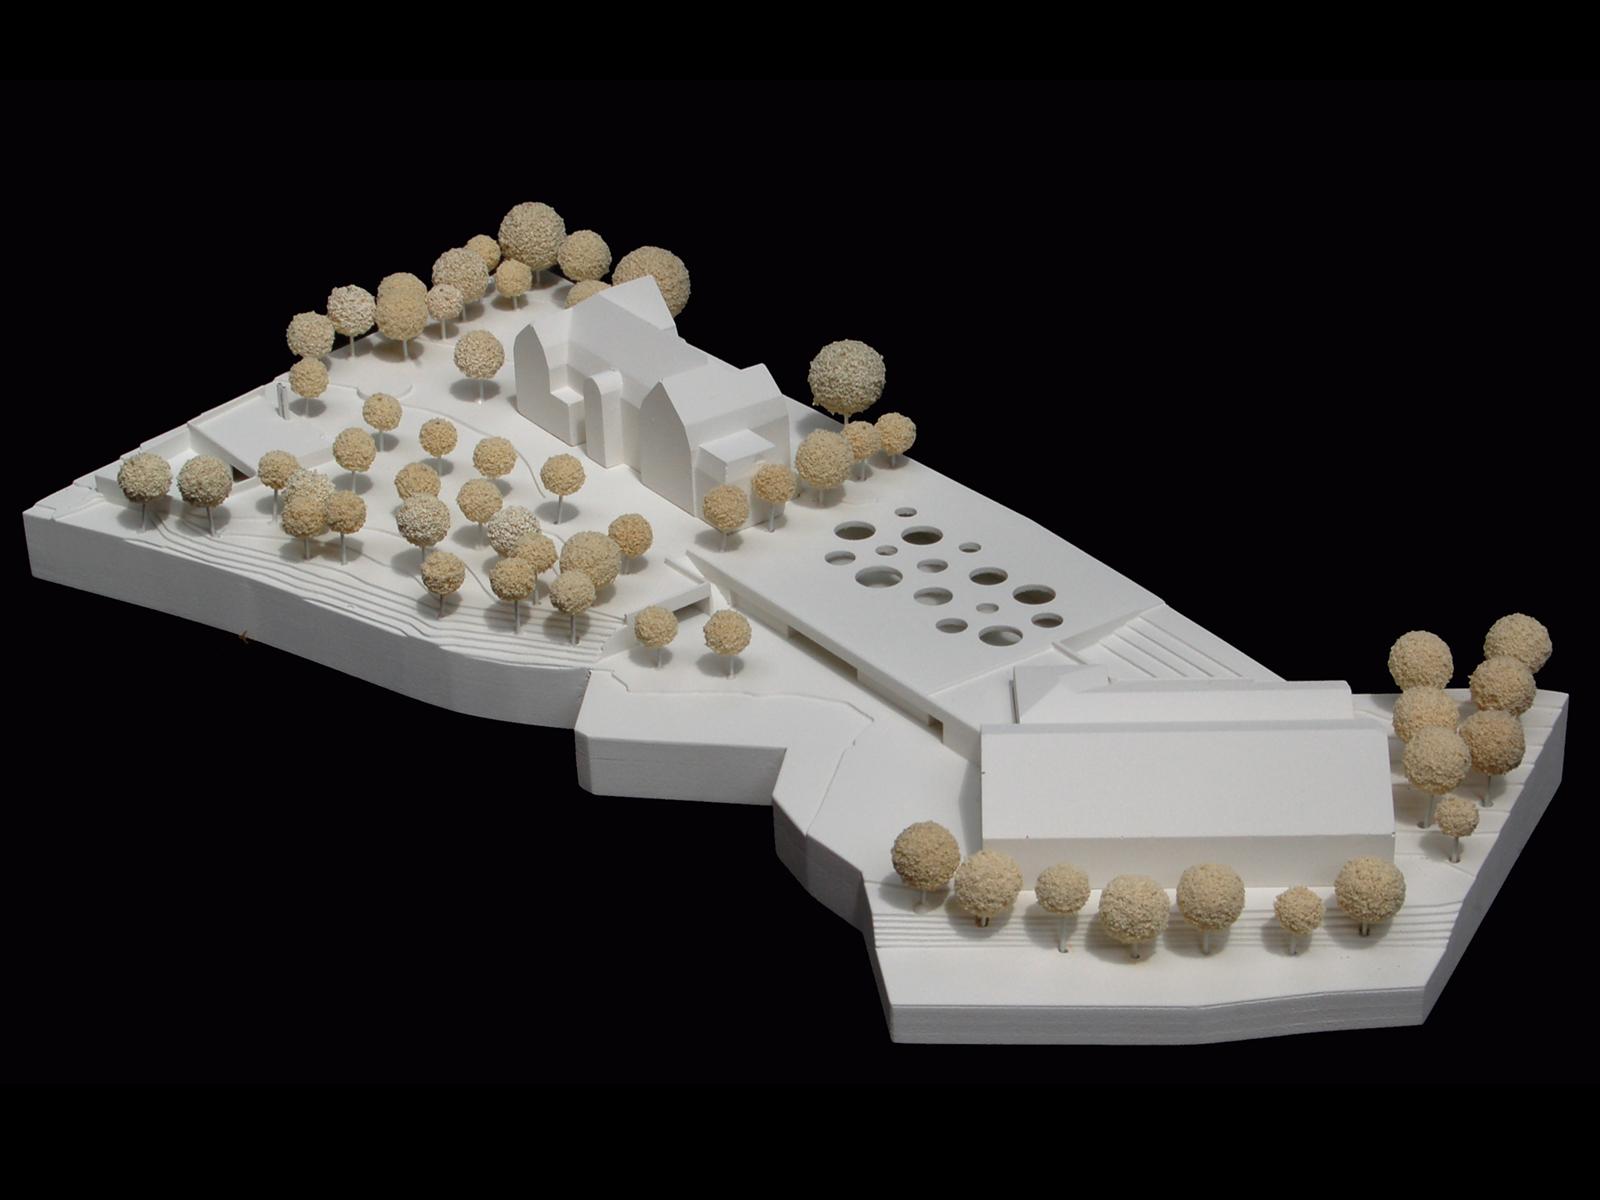 Modell-Wettbewerb-Sporthalle-Pardeck-Tiefgarage und Heizzentrale Miesbach-Engere-Wahl-2010-© Friedrich-Poerschke-Zwink-Architekten